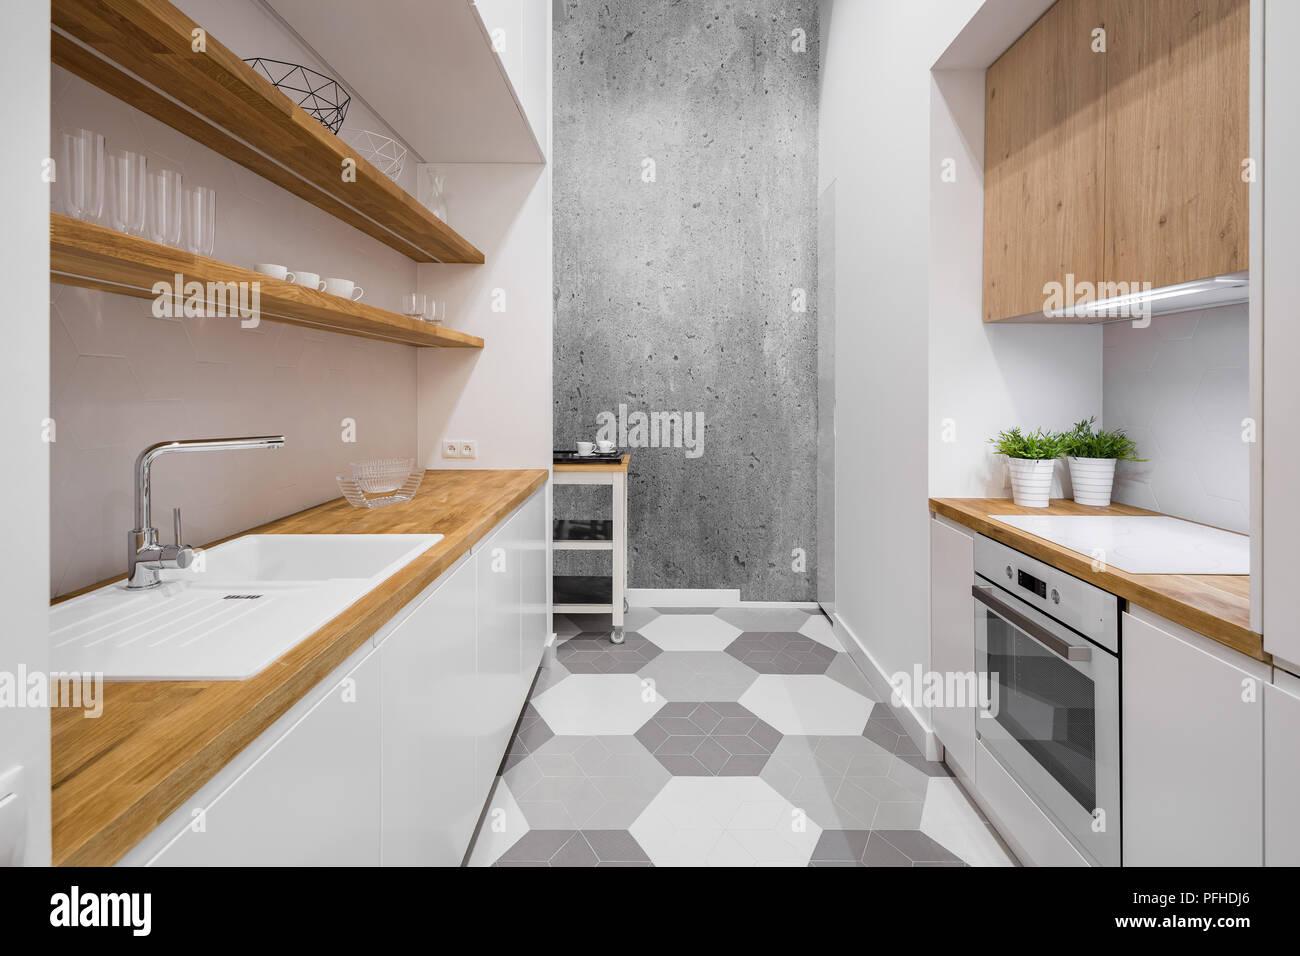 petit, cuisine fonctionnelle avec comptoir en bois et carreaux